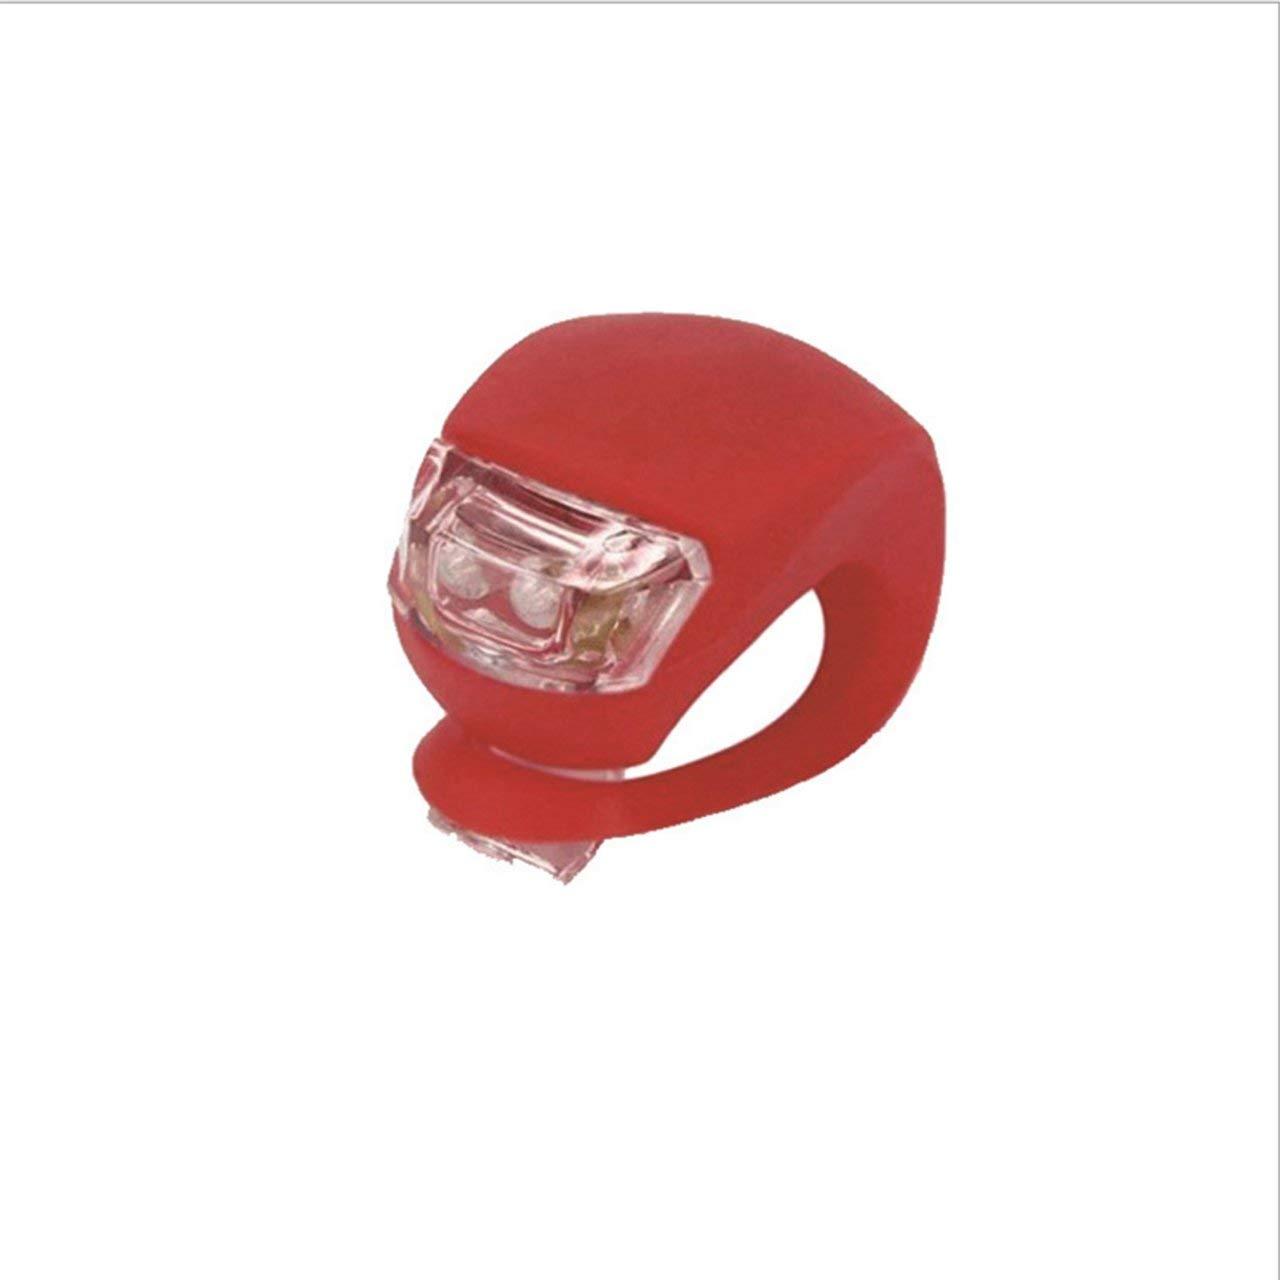 Jasnyfall roja Luz de Bicicleta Luz de Rana de Cinco Generaciones Luz de Advertencia de Silicona LED Impermeable Luz de Advertencia de Seguridad de Marcha Nocturna Luz Trasera